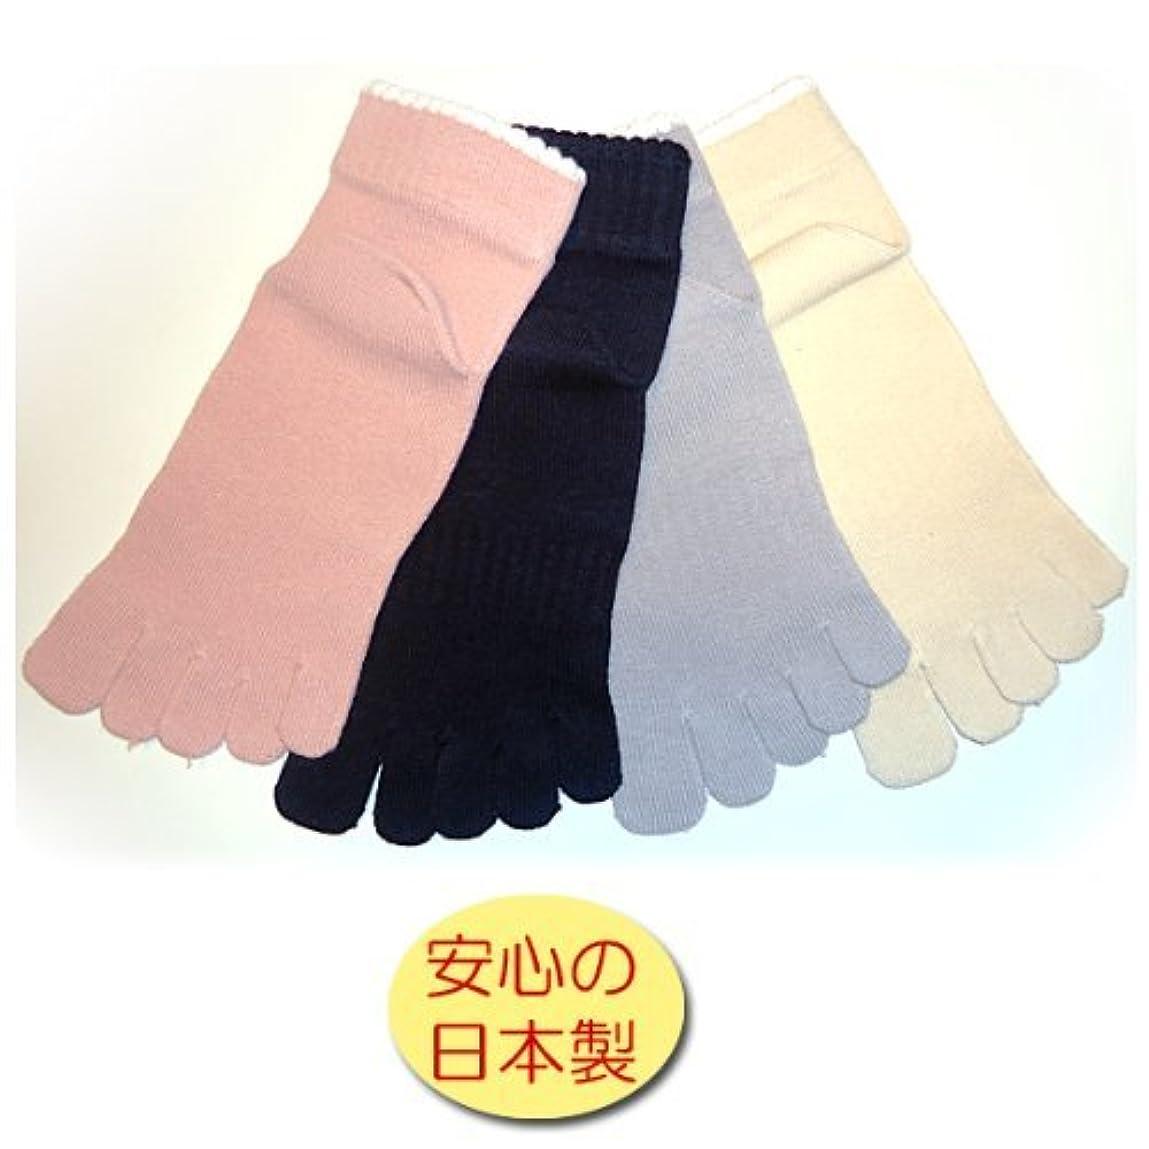 ハーネス睡眠委託日本製 5本指ソックス ショートソックス【21~25cm】 足に優しい表糸綿100%  お買得4足組